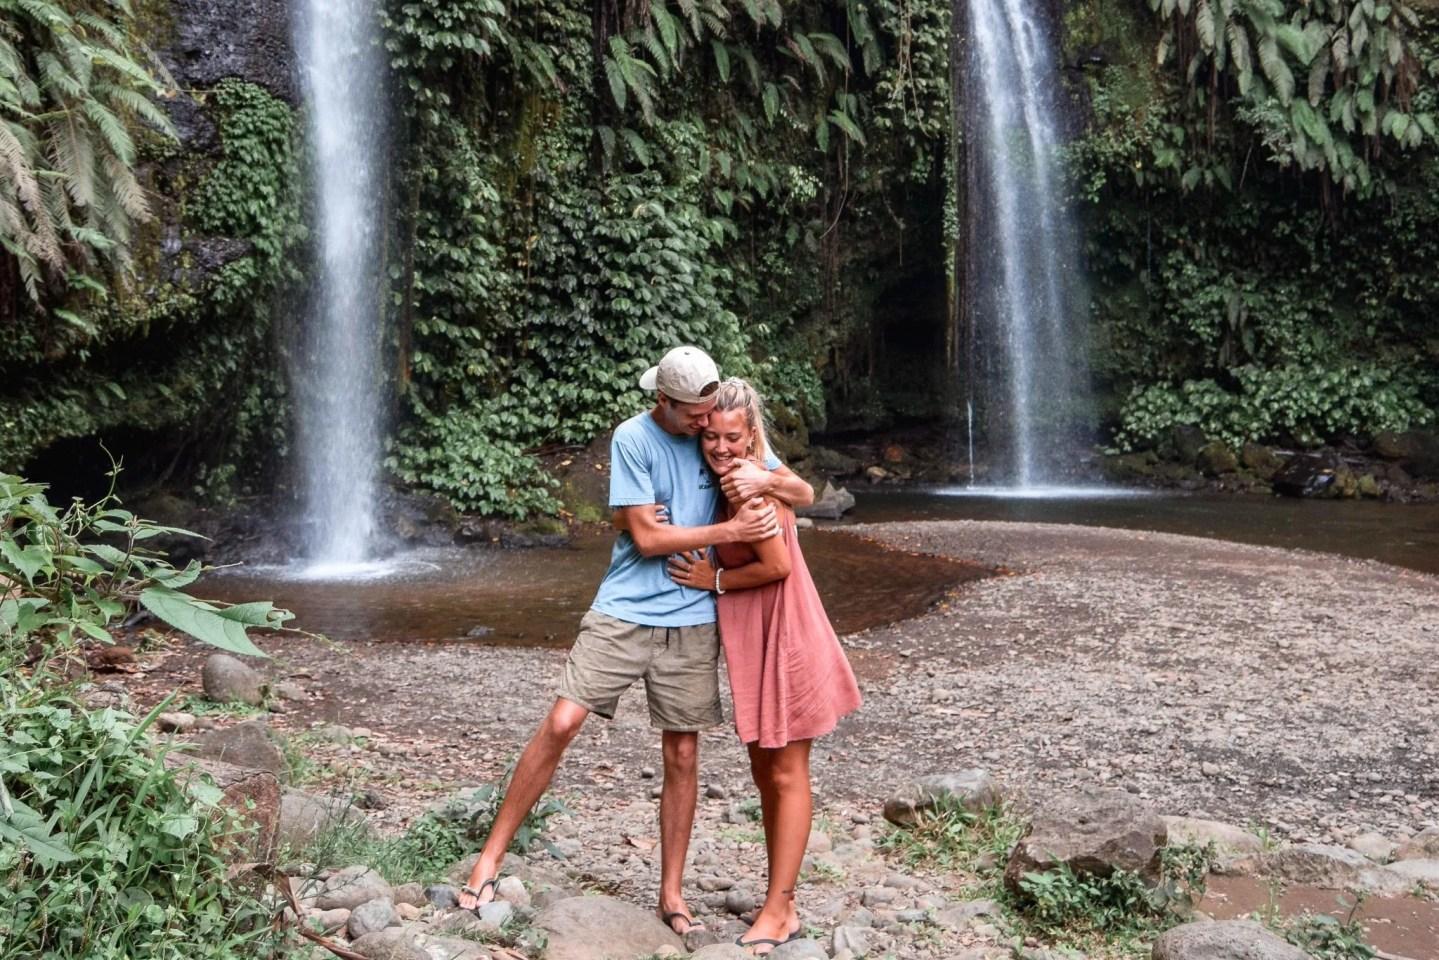 Benang Stokel & Benang Kelambu Waterfalls